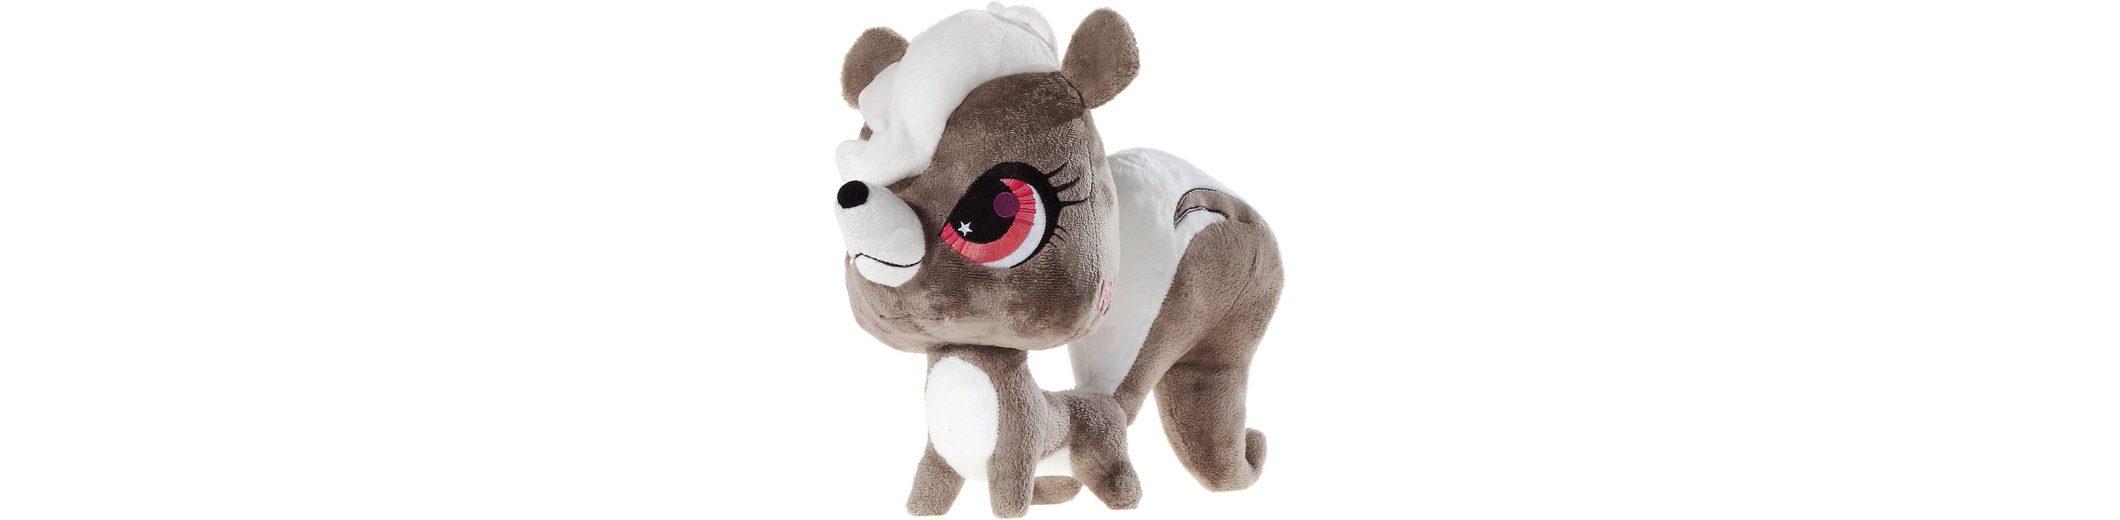 Heunec Kuscheltier Stinktier, »Littlest Pet Shop Pepper«